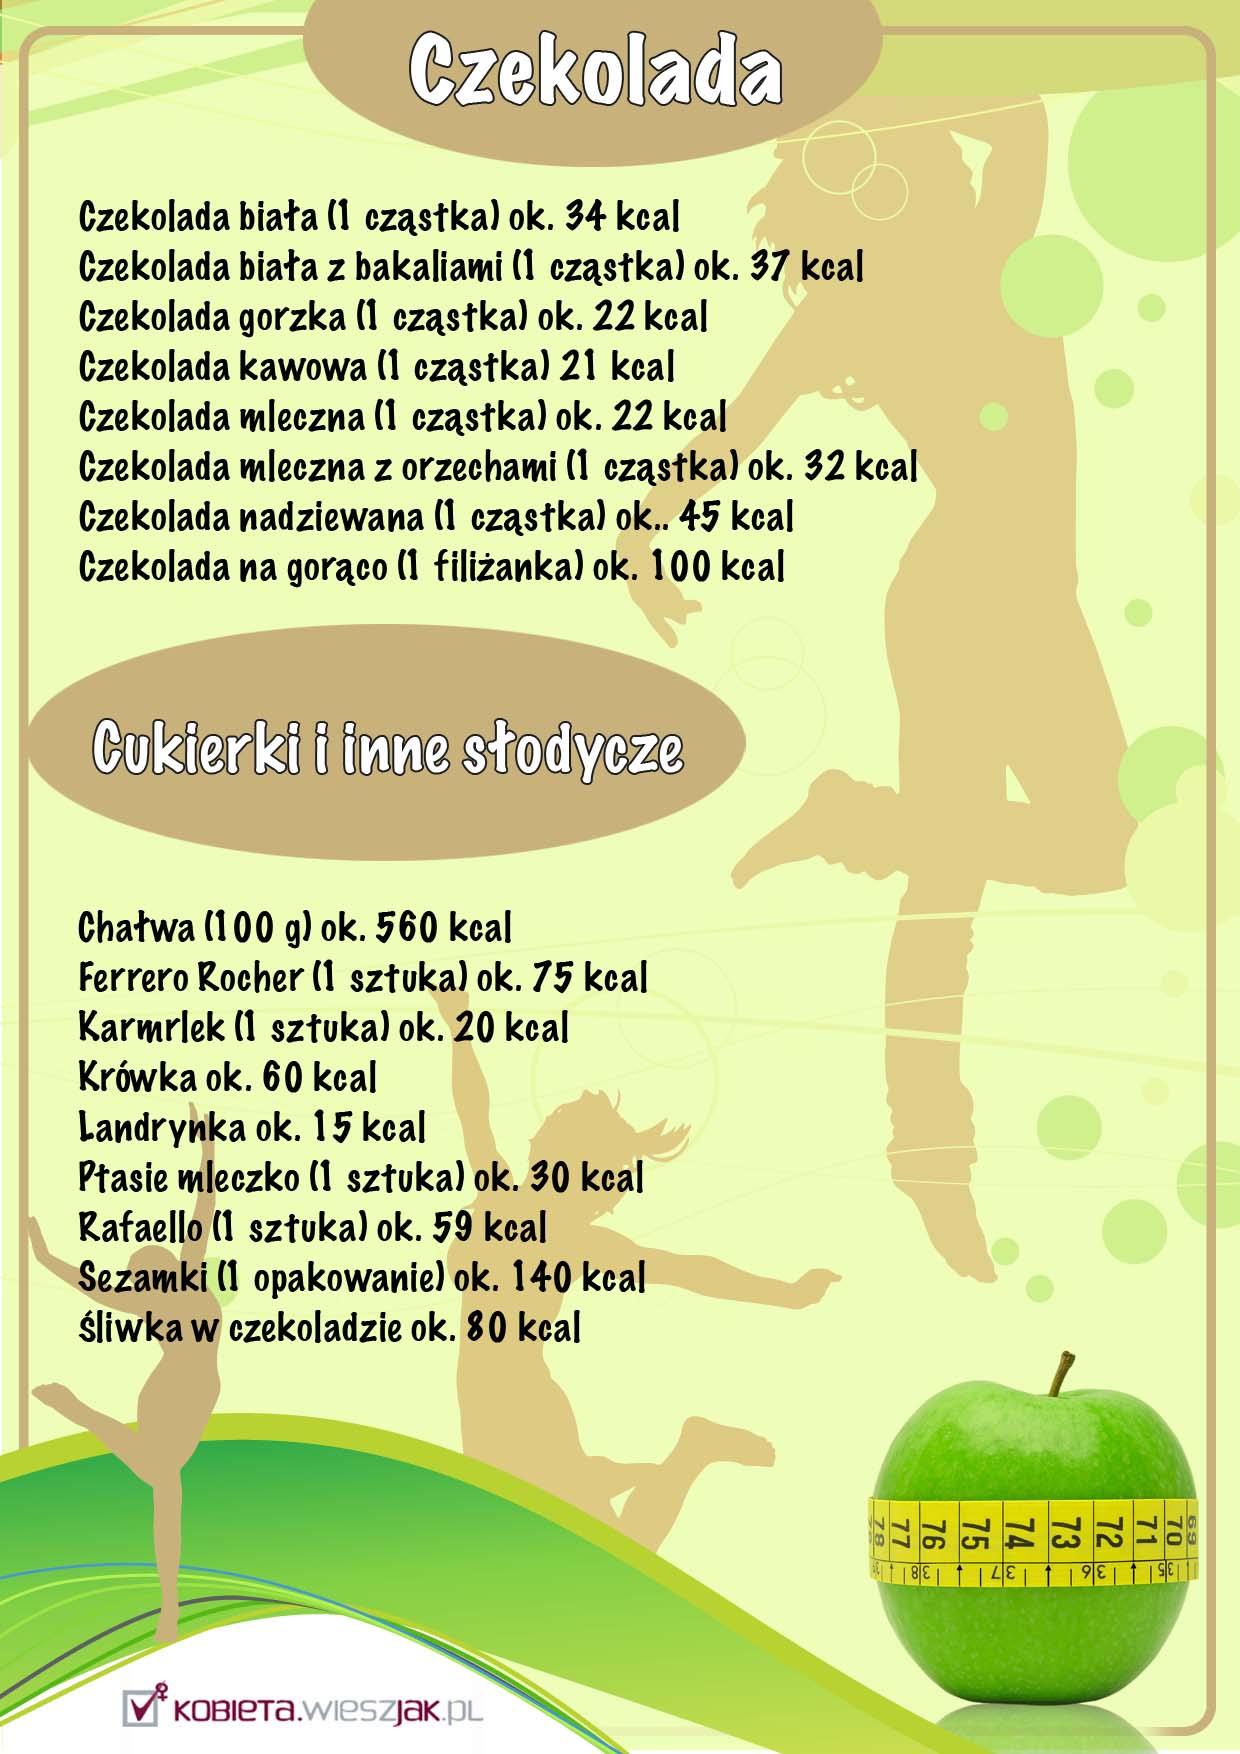 grafika_do_tabel_kalorii_czekolada_i_cukierki_i_inne_slodycze.jpg